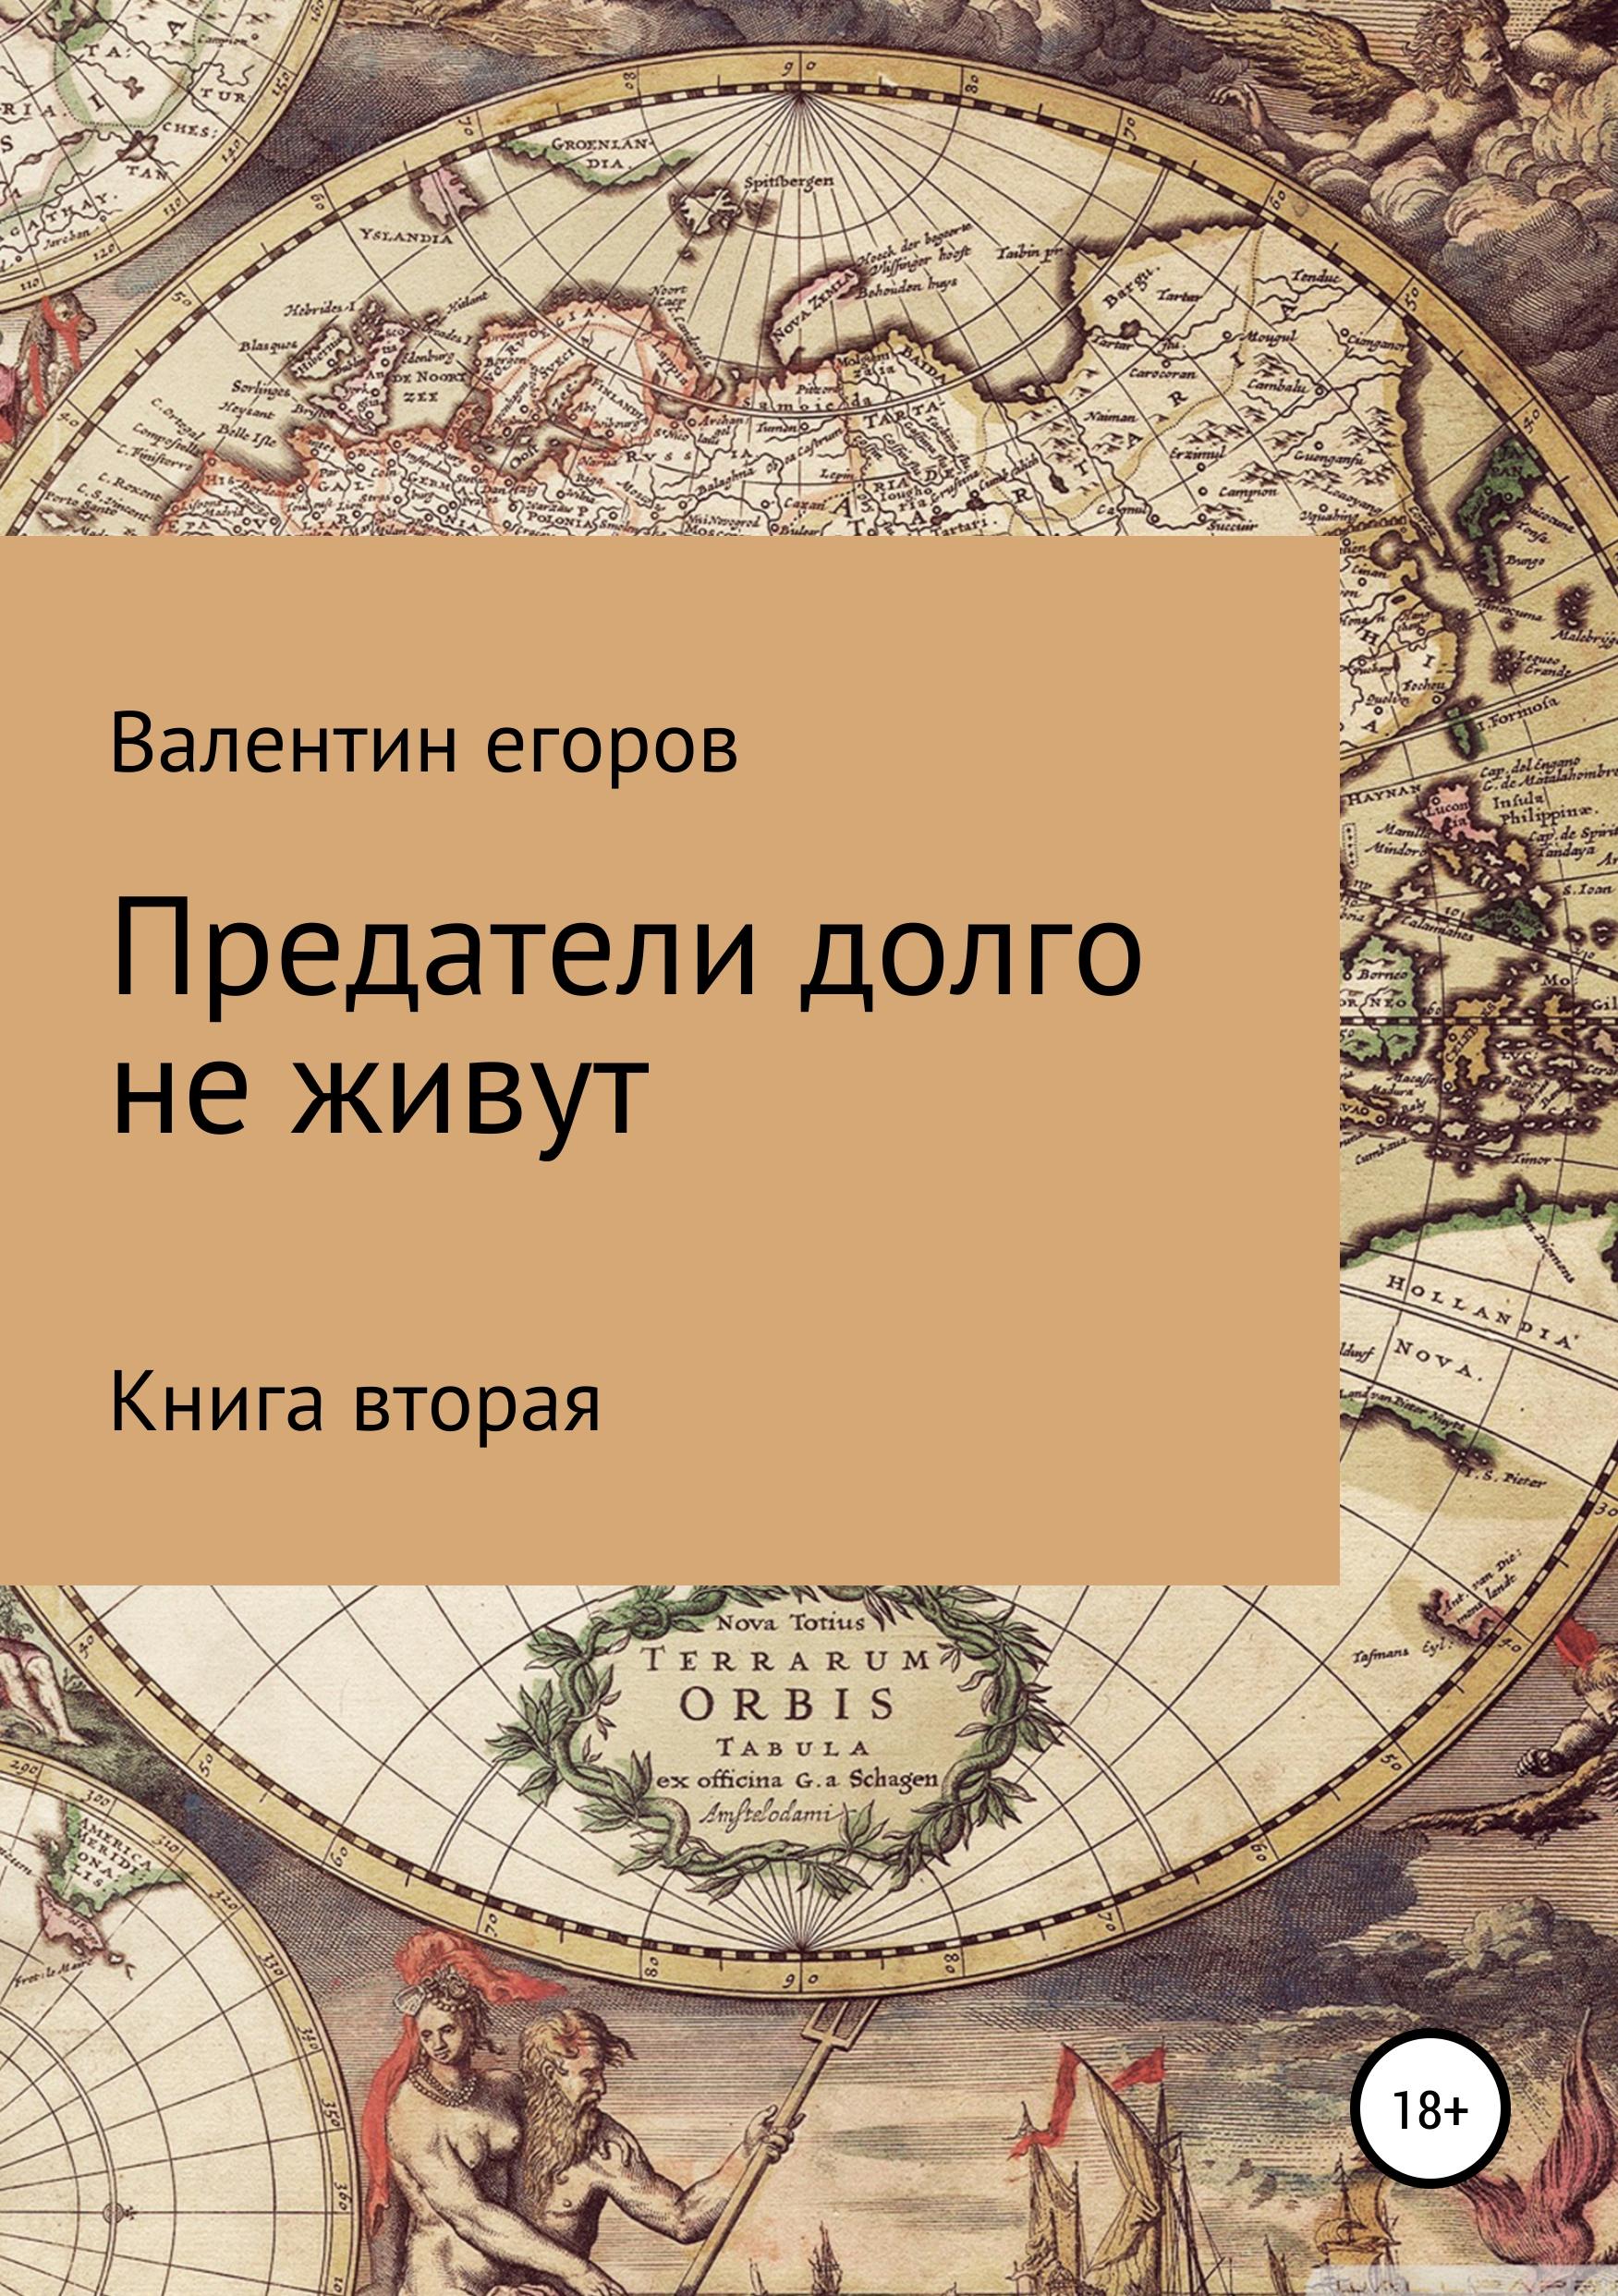 Егоров Александрович - Предатели долго не живут. Книга вторая